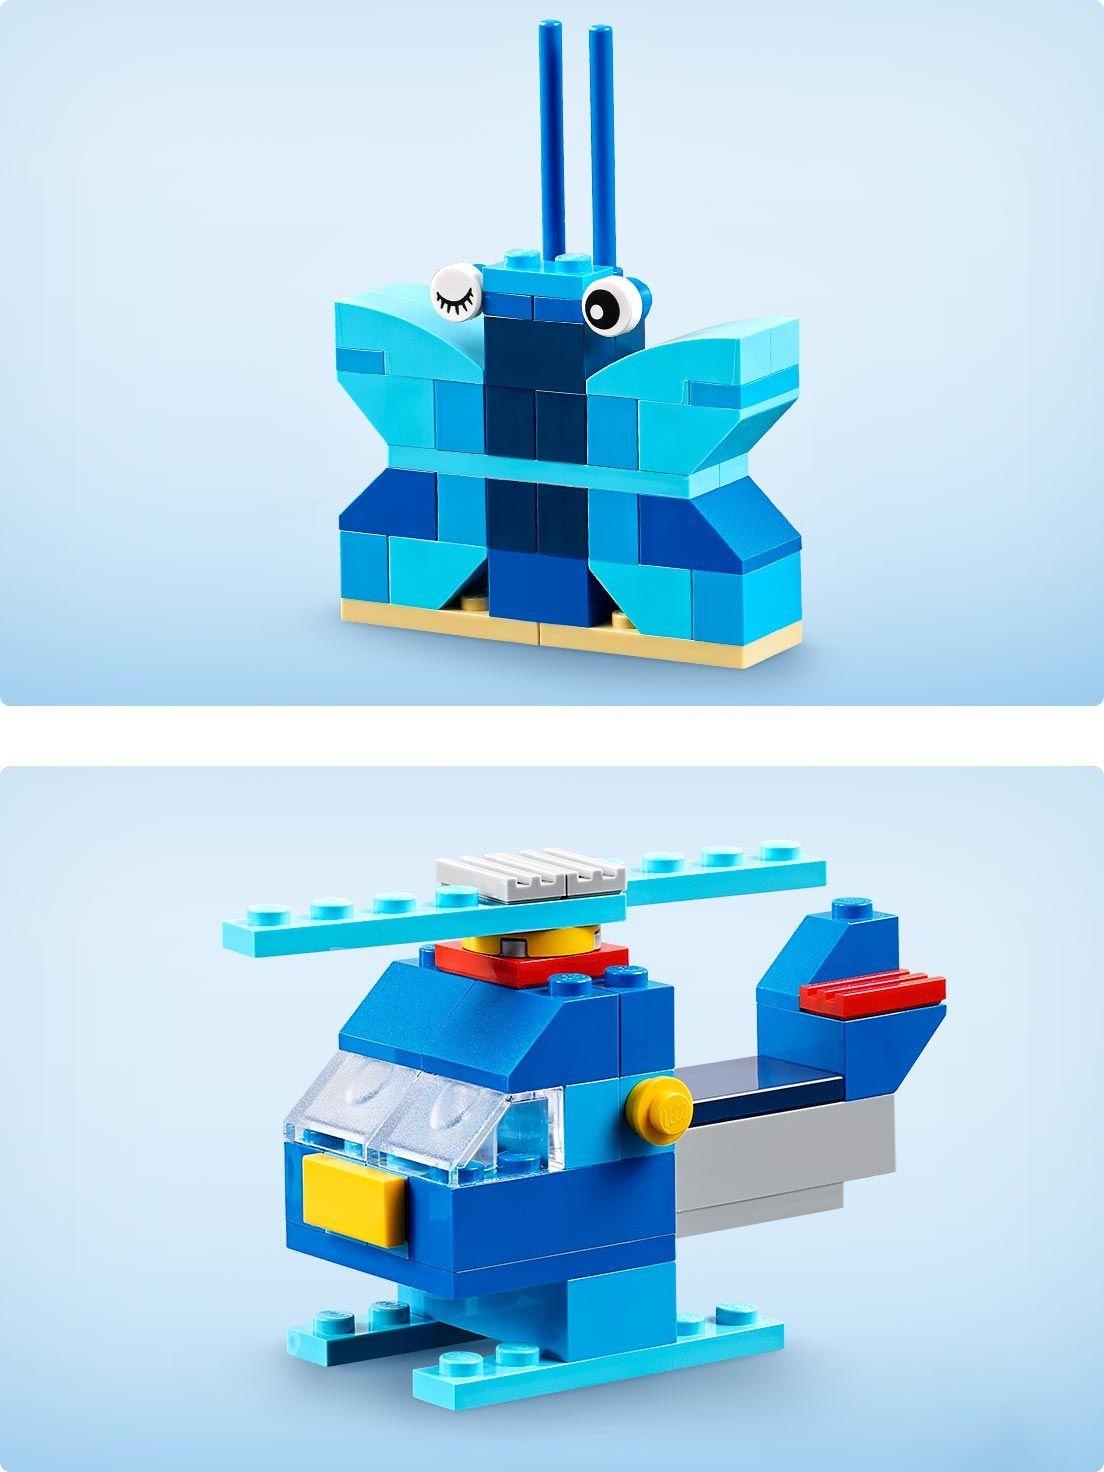 Trouve de l'inspiration dans le monde qui t'entoure - Idées de construction - Classic LEGO.com ...